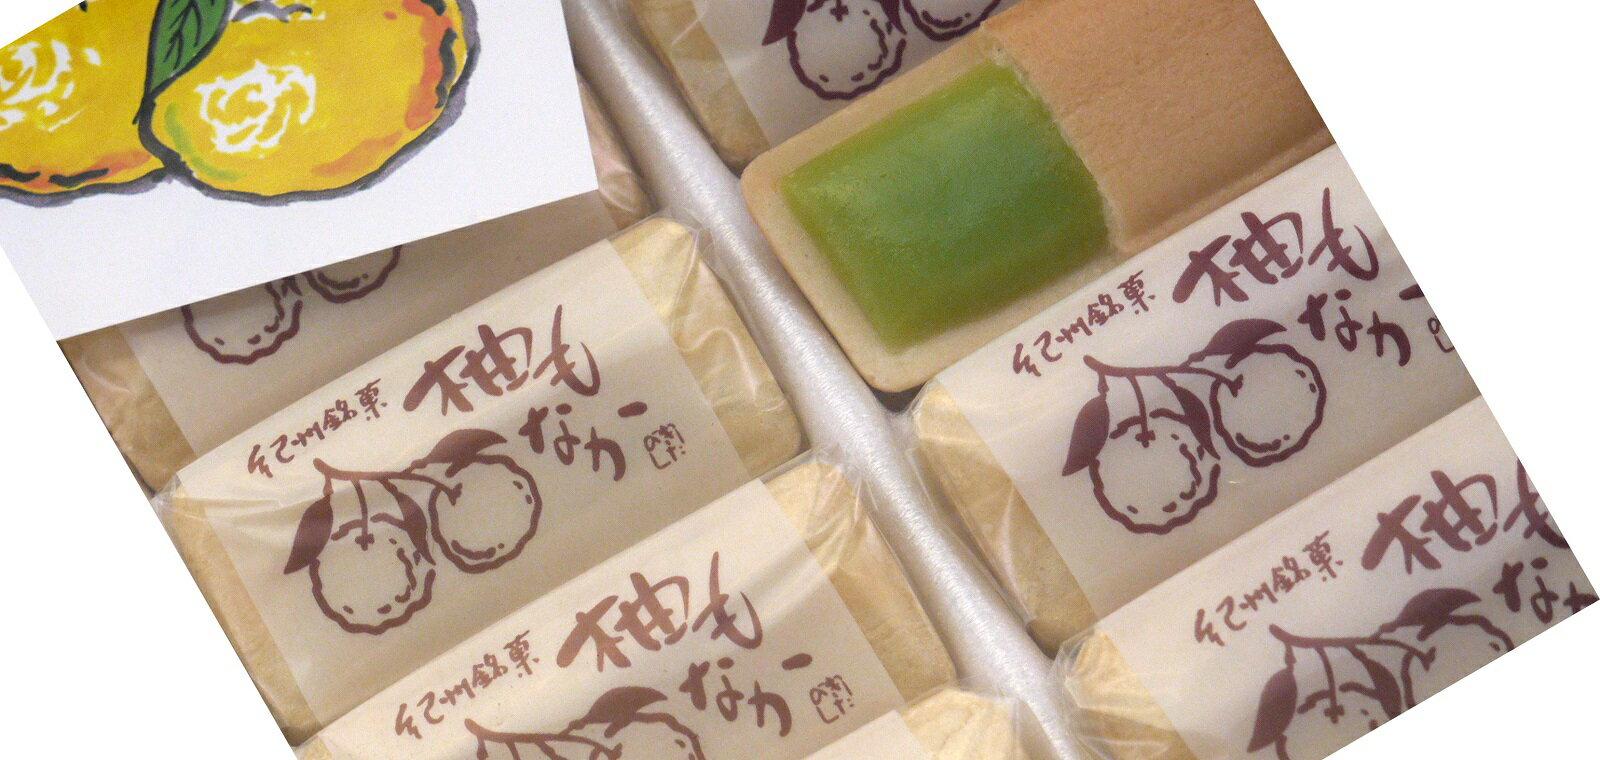 紀州銘菓 柚子 きたの 柚もなか 21個入り